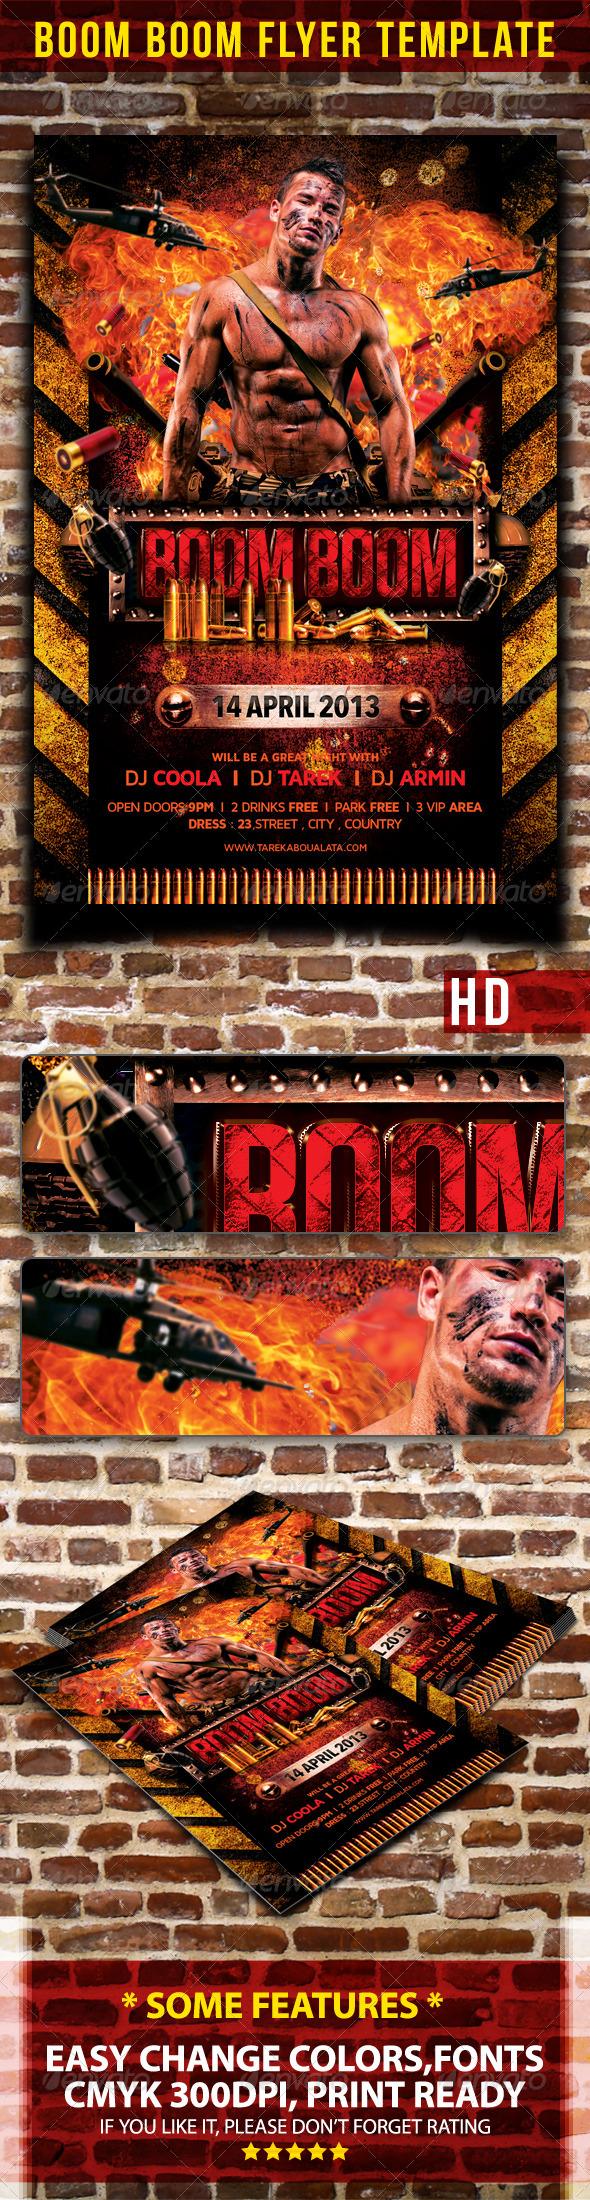 GraphicRiver Boom Boom Flyer Template 4289950